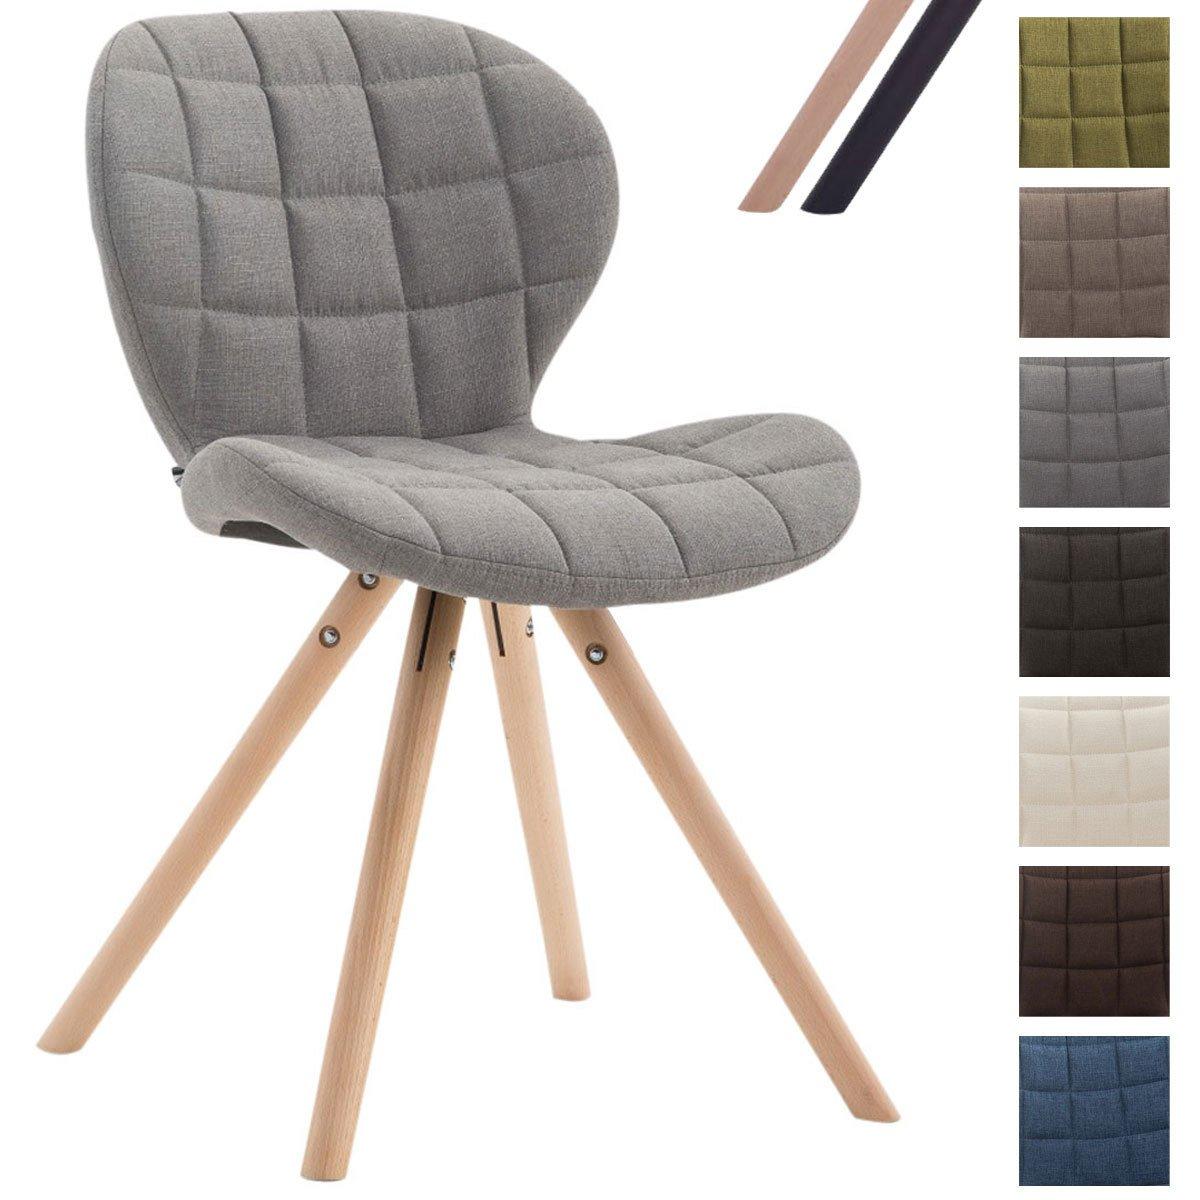 CLP Design Retrostuhl Alyssa mit Stoffbezug   Esszimmerstuhl mit runden Holzbeinen aus Buchenholz erhältlichöhellgrau, Gestellfarbe  Natura